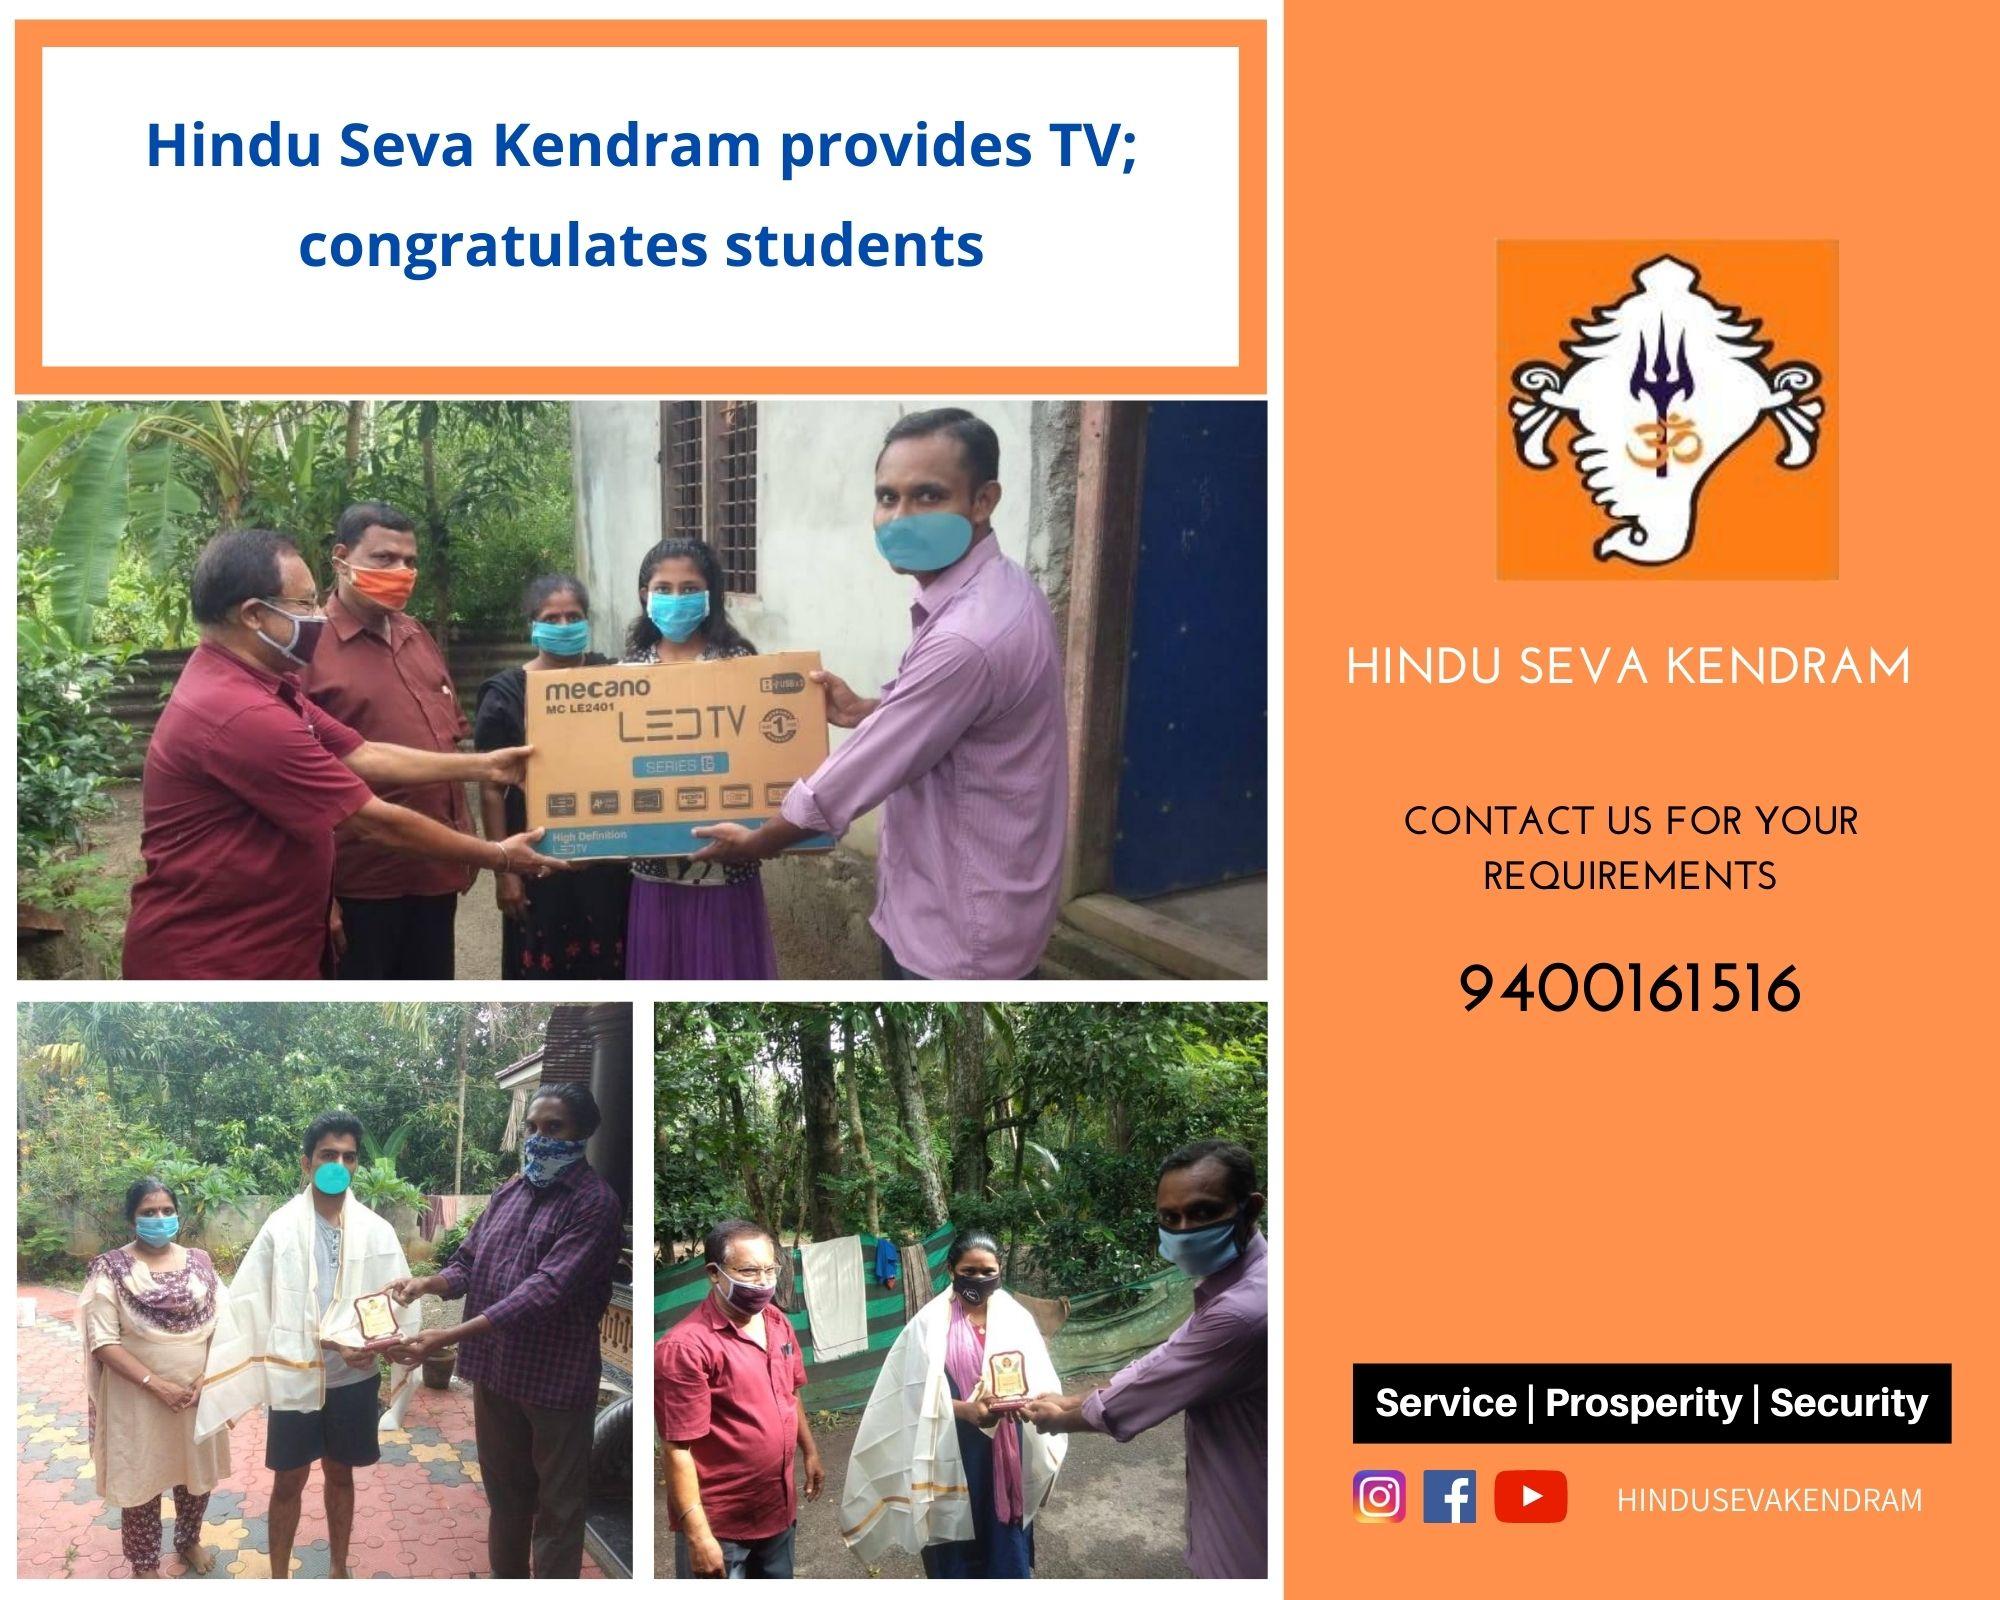 Hindu Seva Kendram provides TV; Congratulates Students